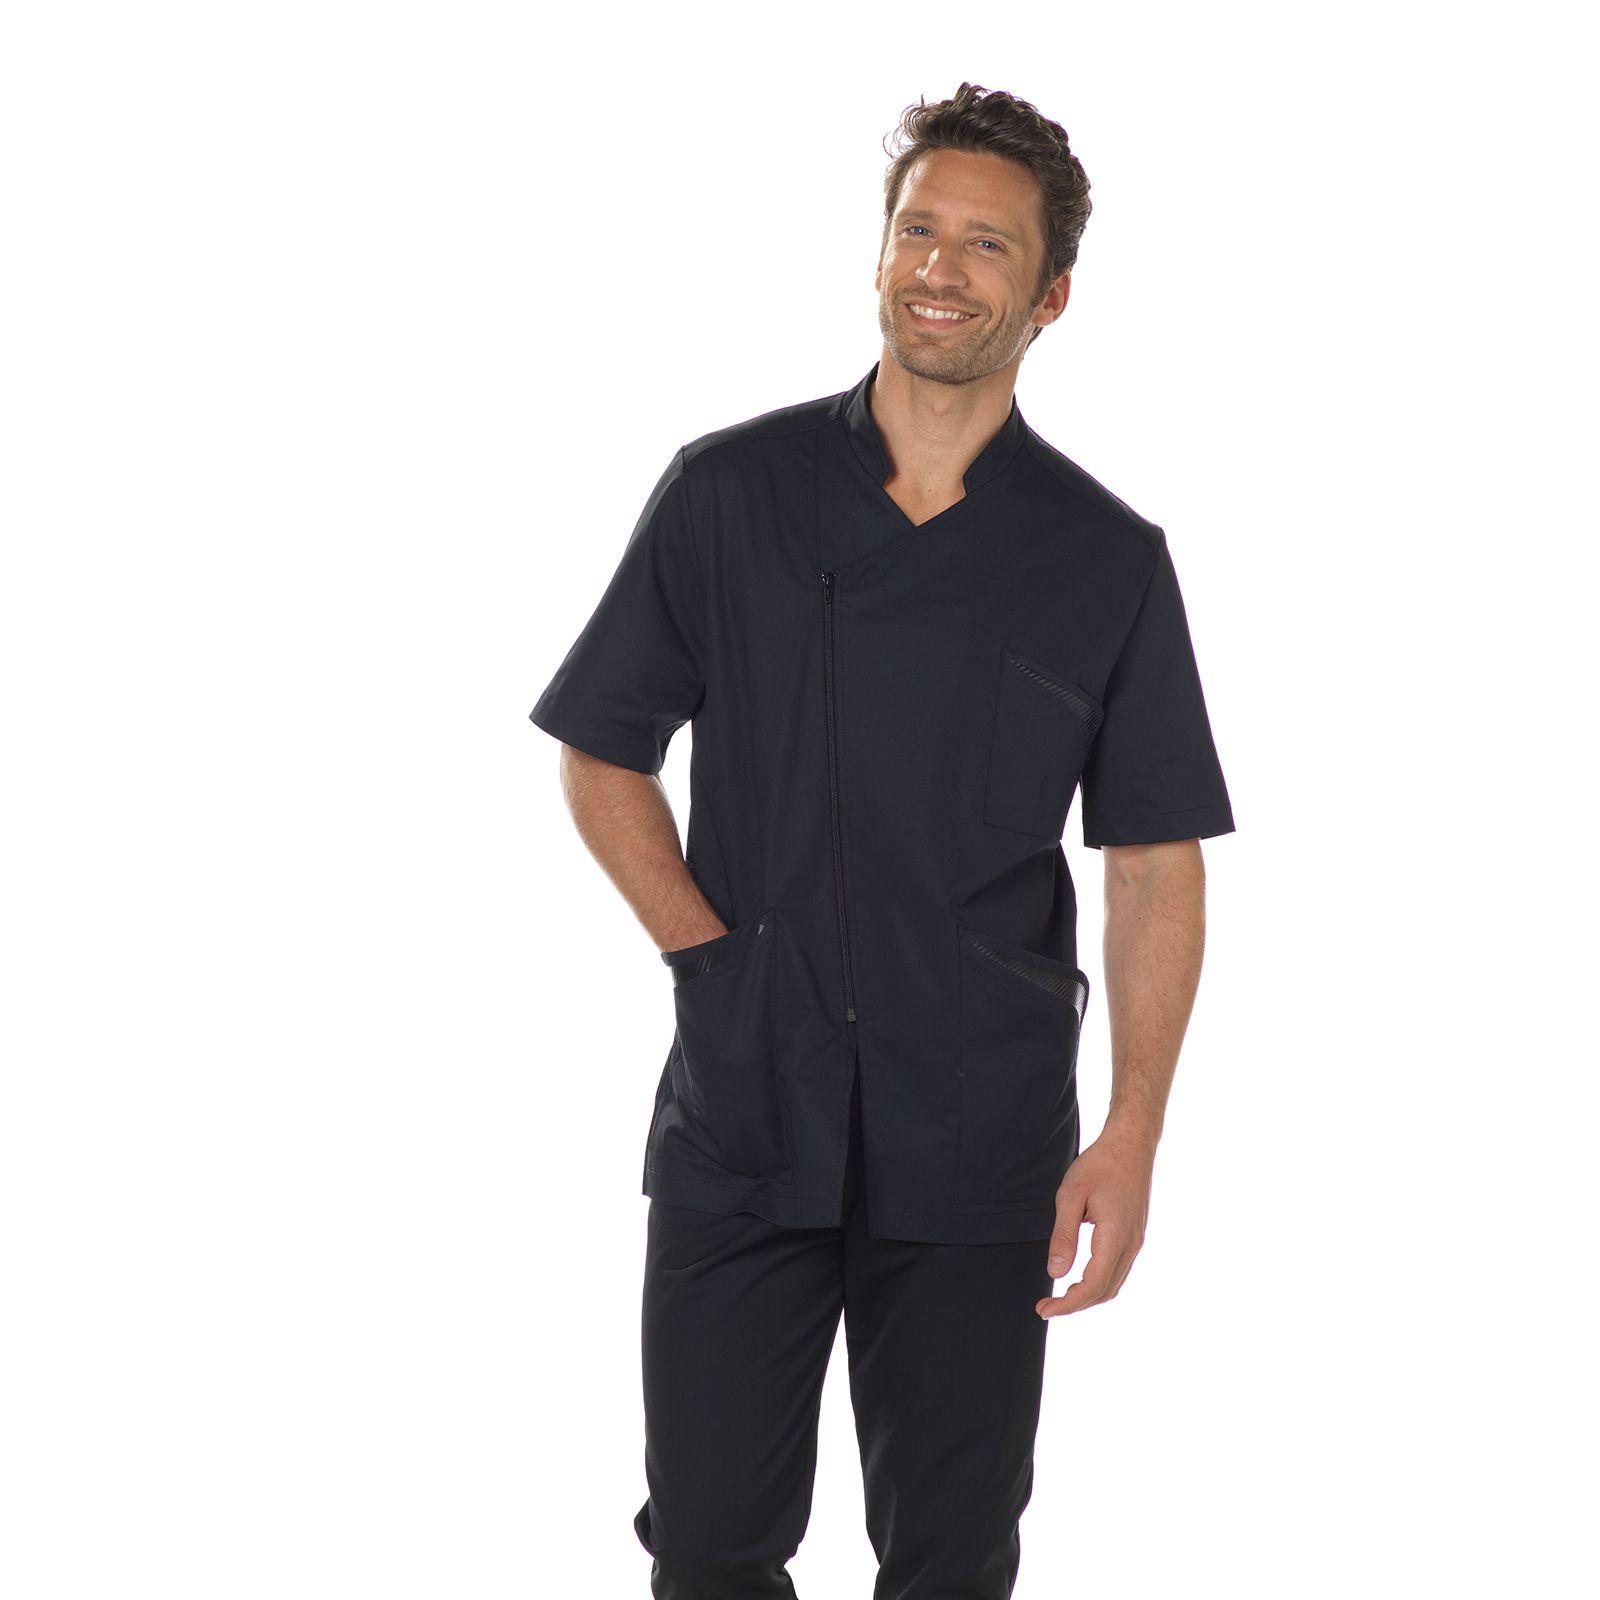 """Blouse médicale homme, fermeture éclair asymétrique, CMT collection """"Stretch uni"""" (2620)"""